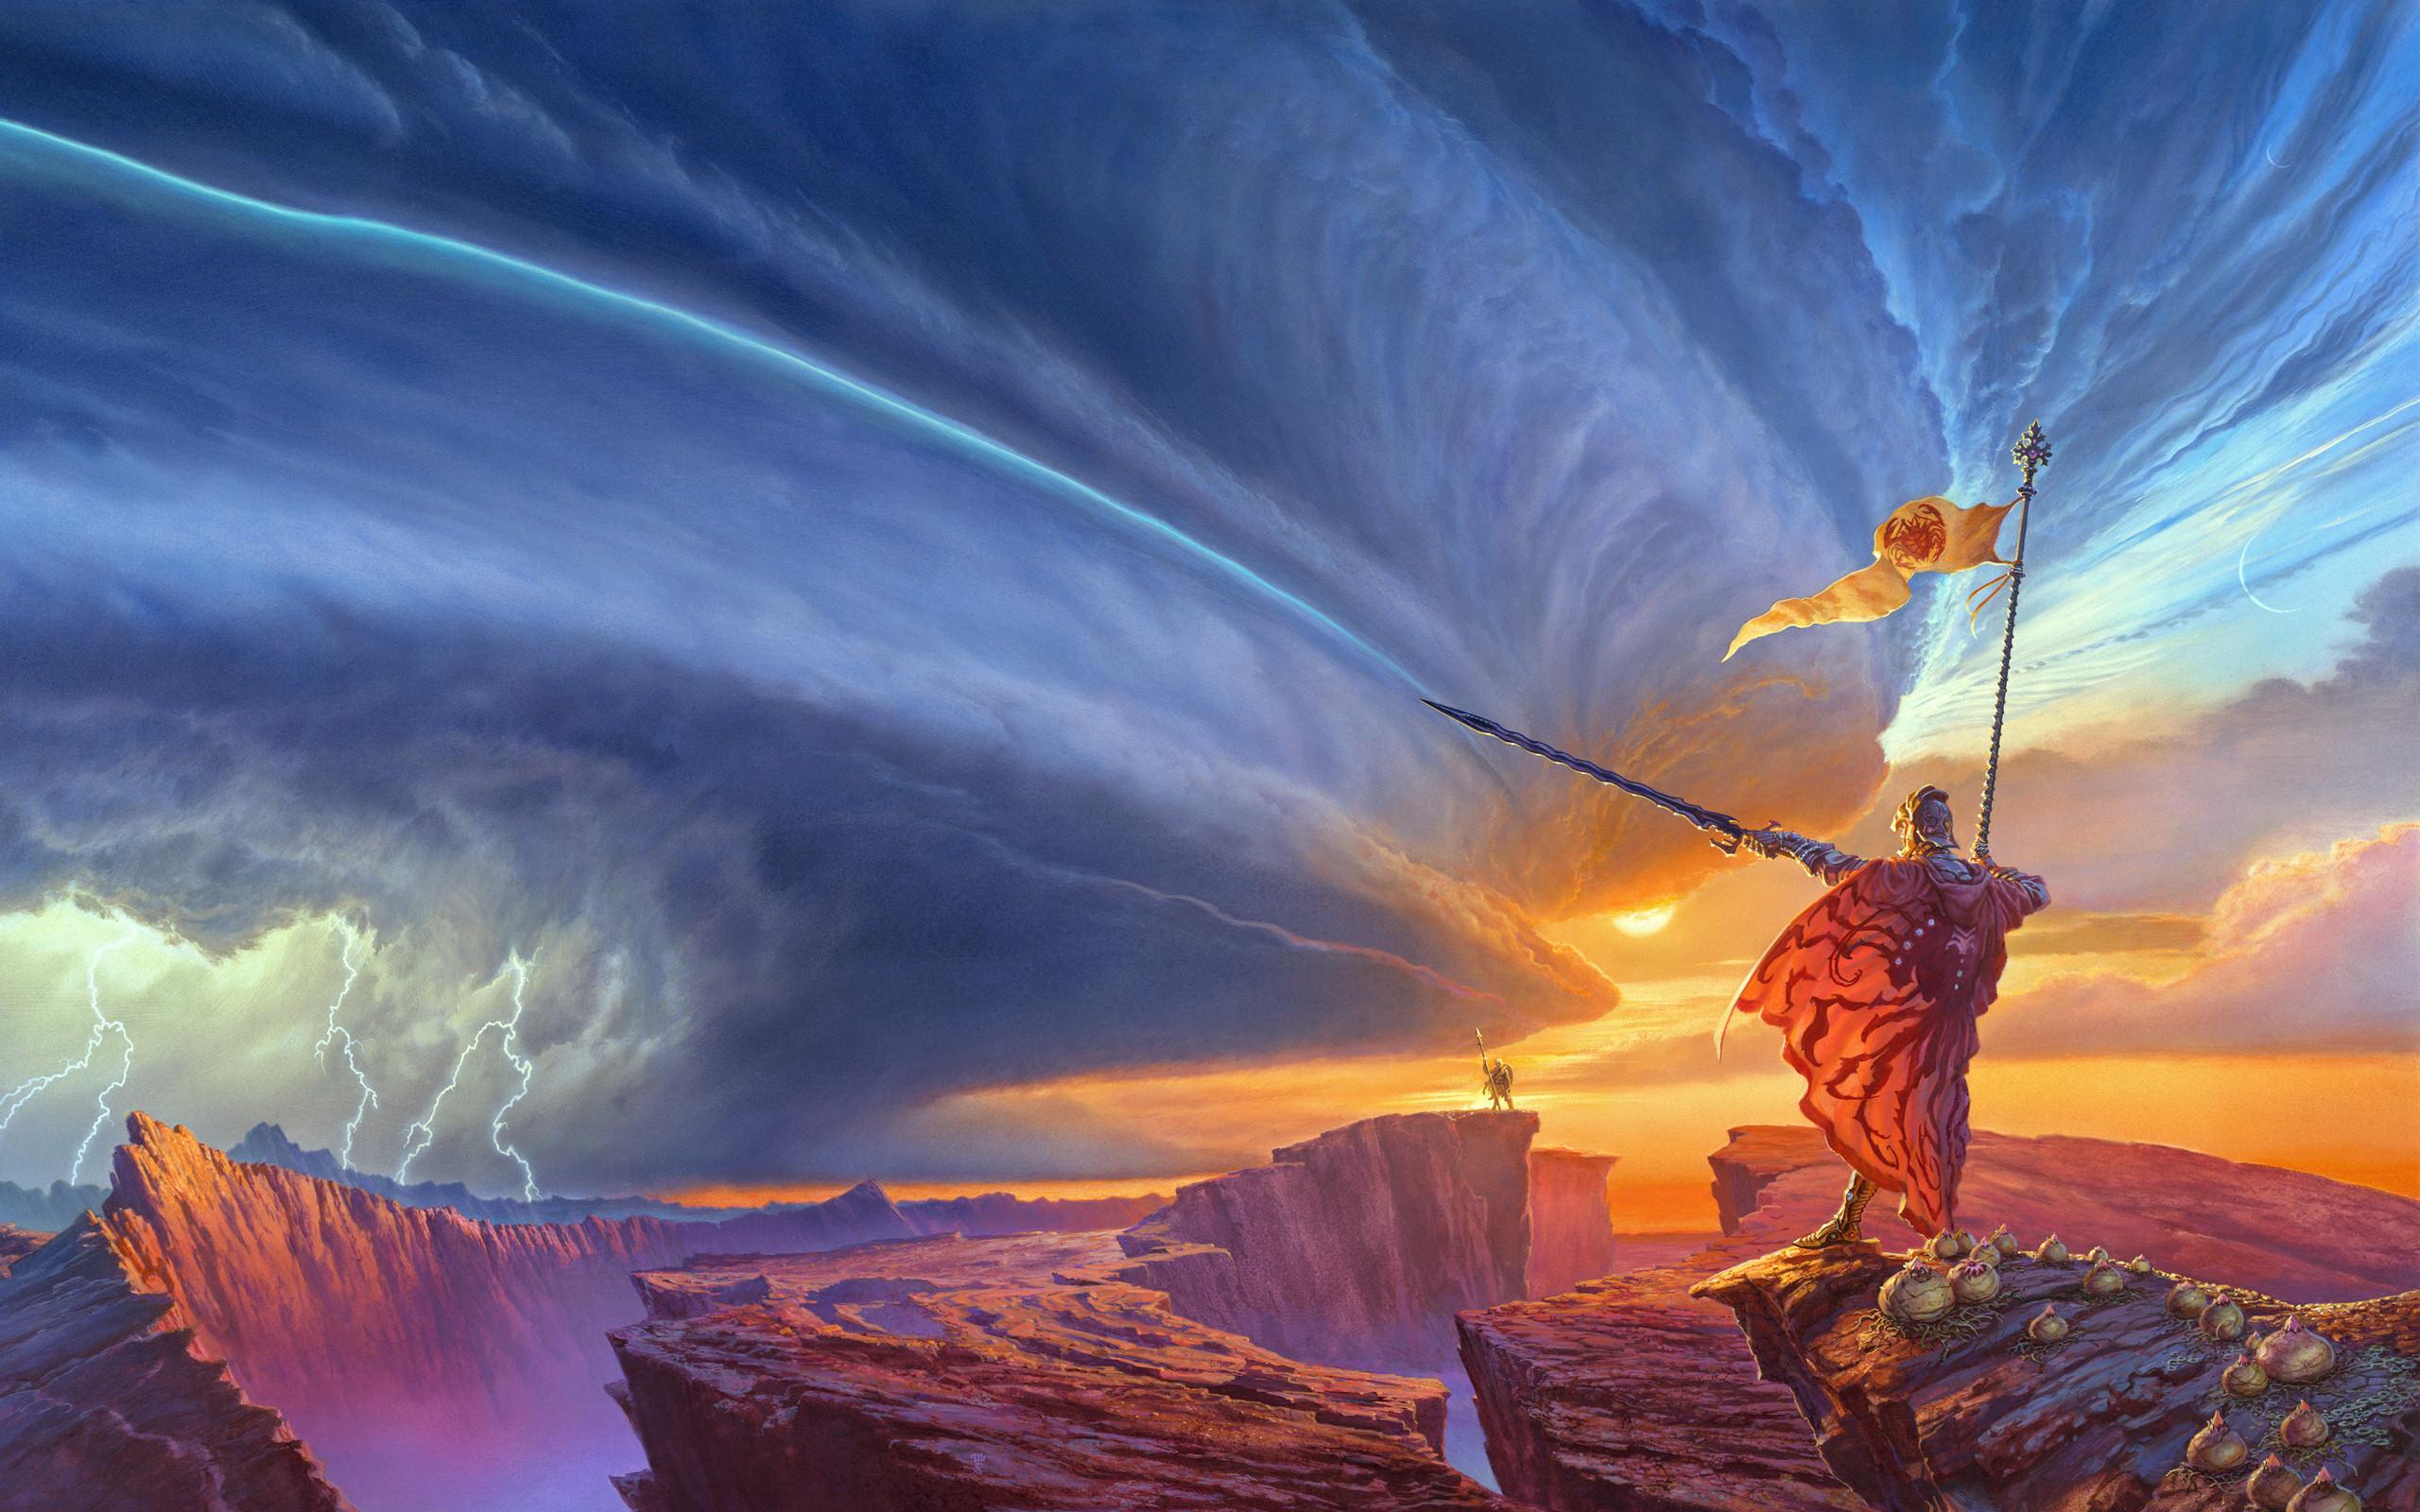 небесные фонари рыцарь меч луна  № 3714312 бесплатно